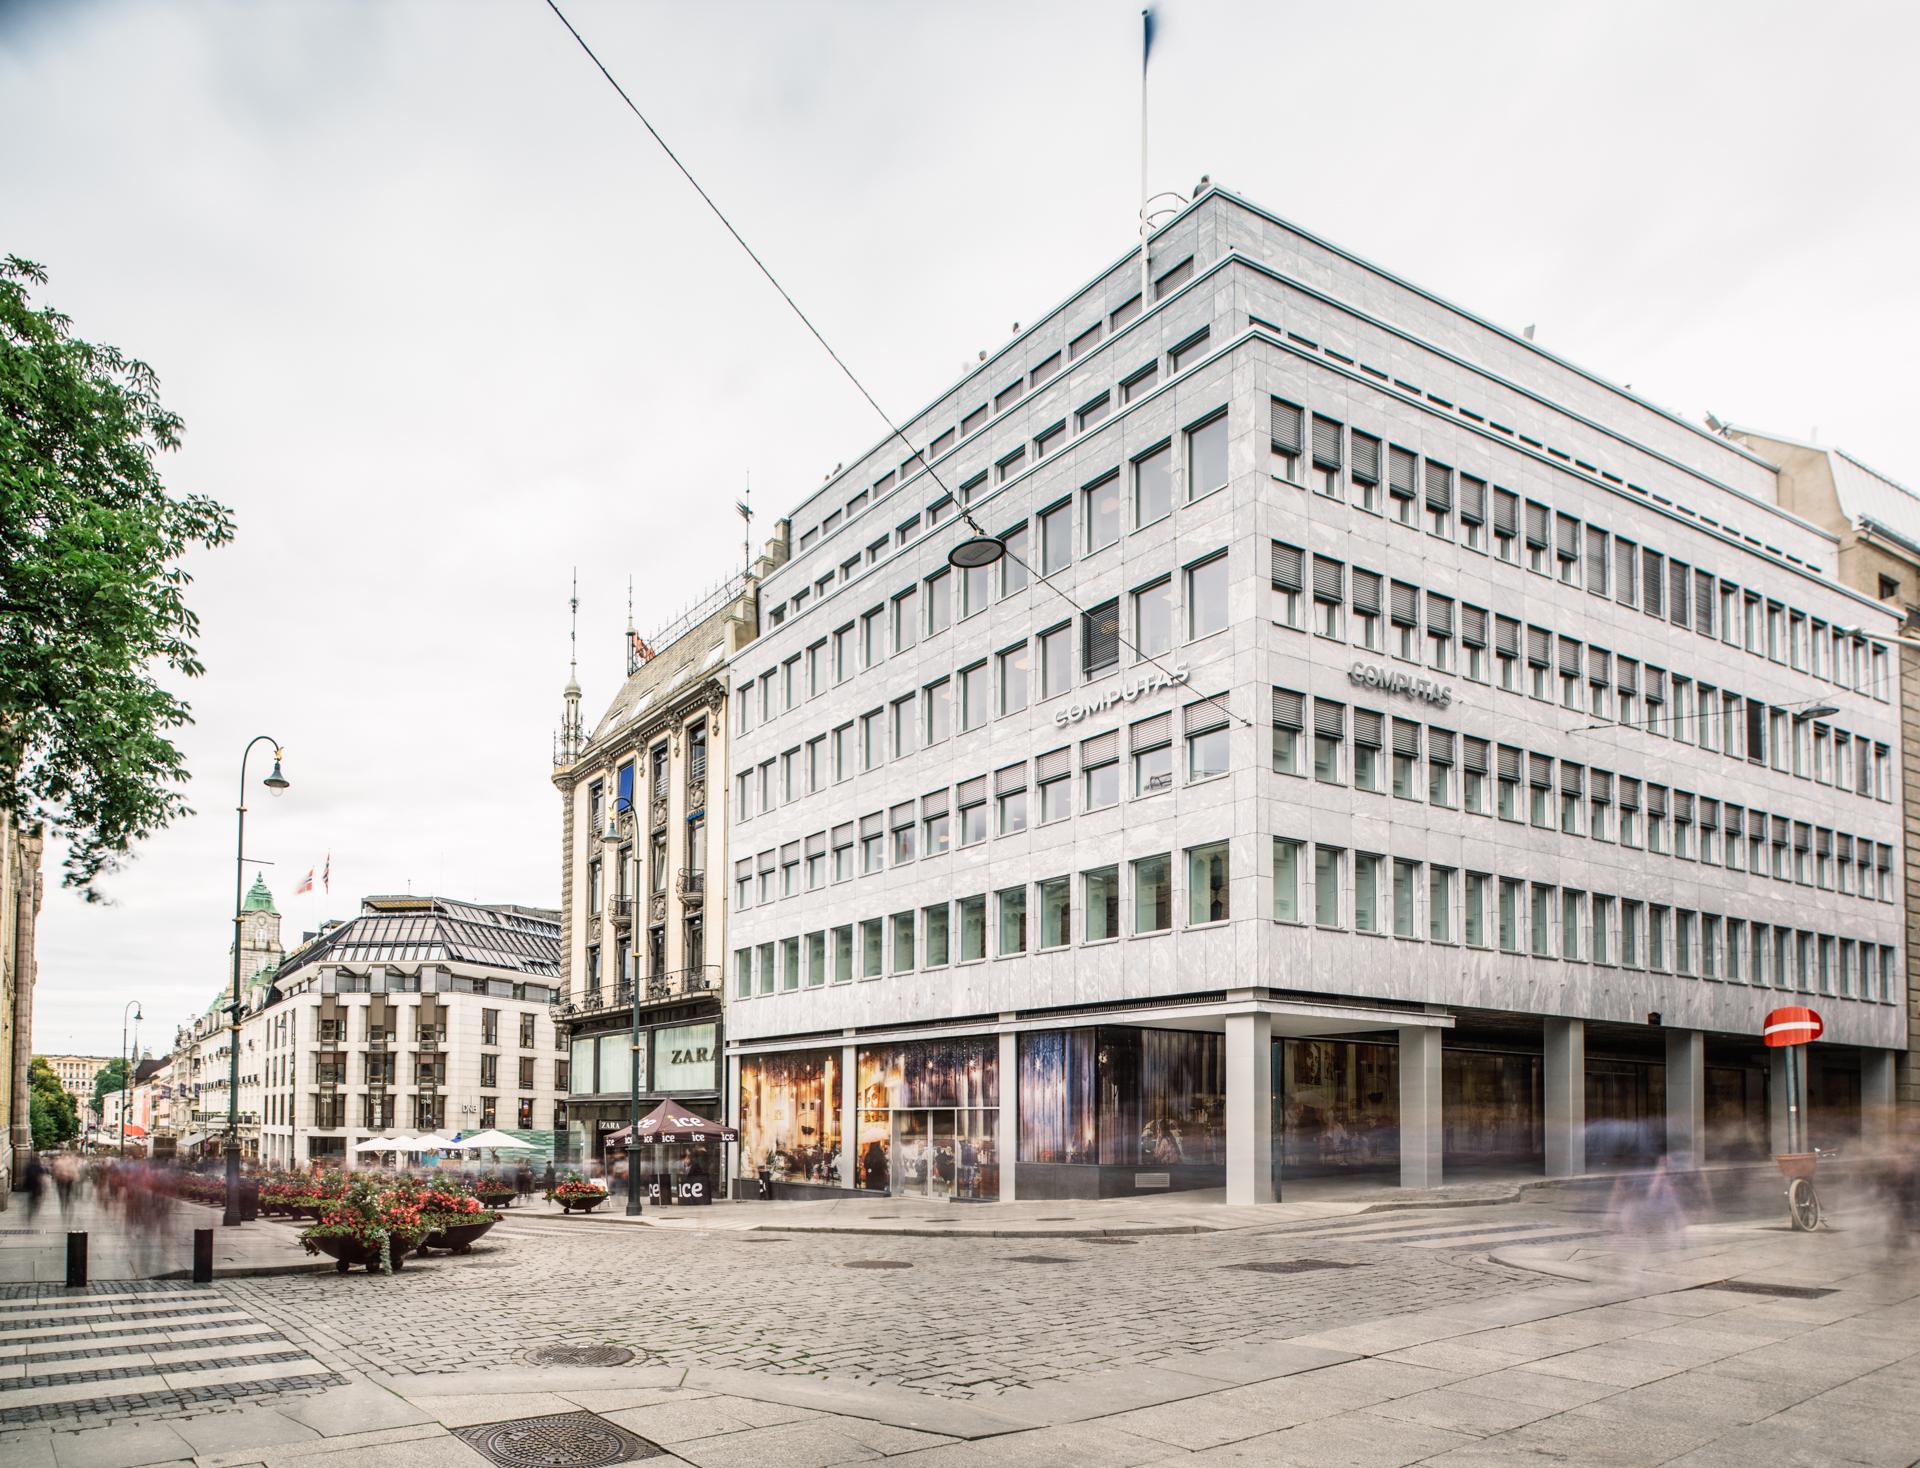 Foto: lånt fra Nærings Eiendom